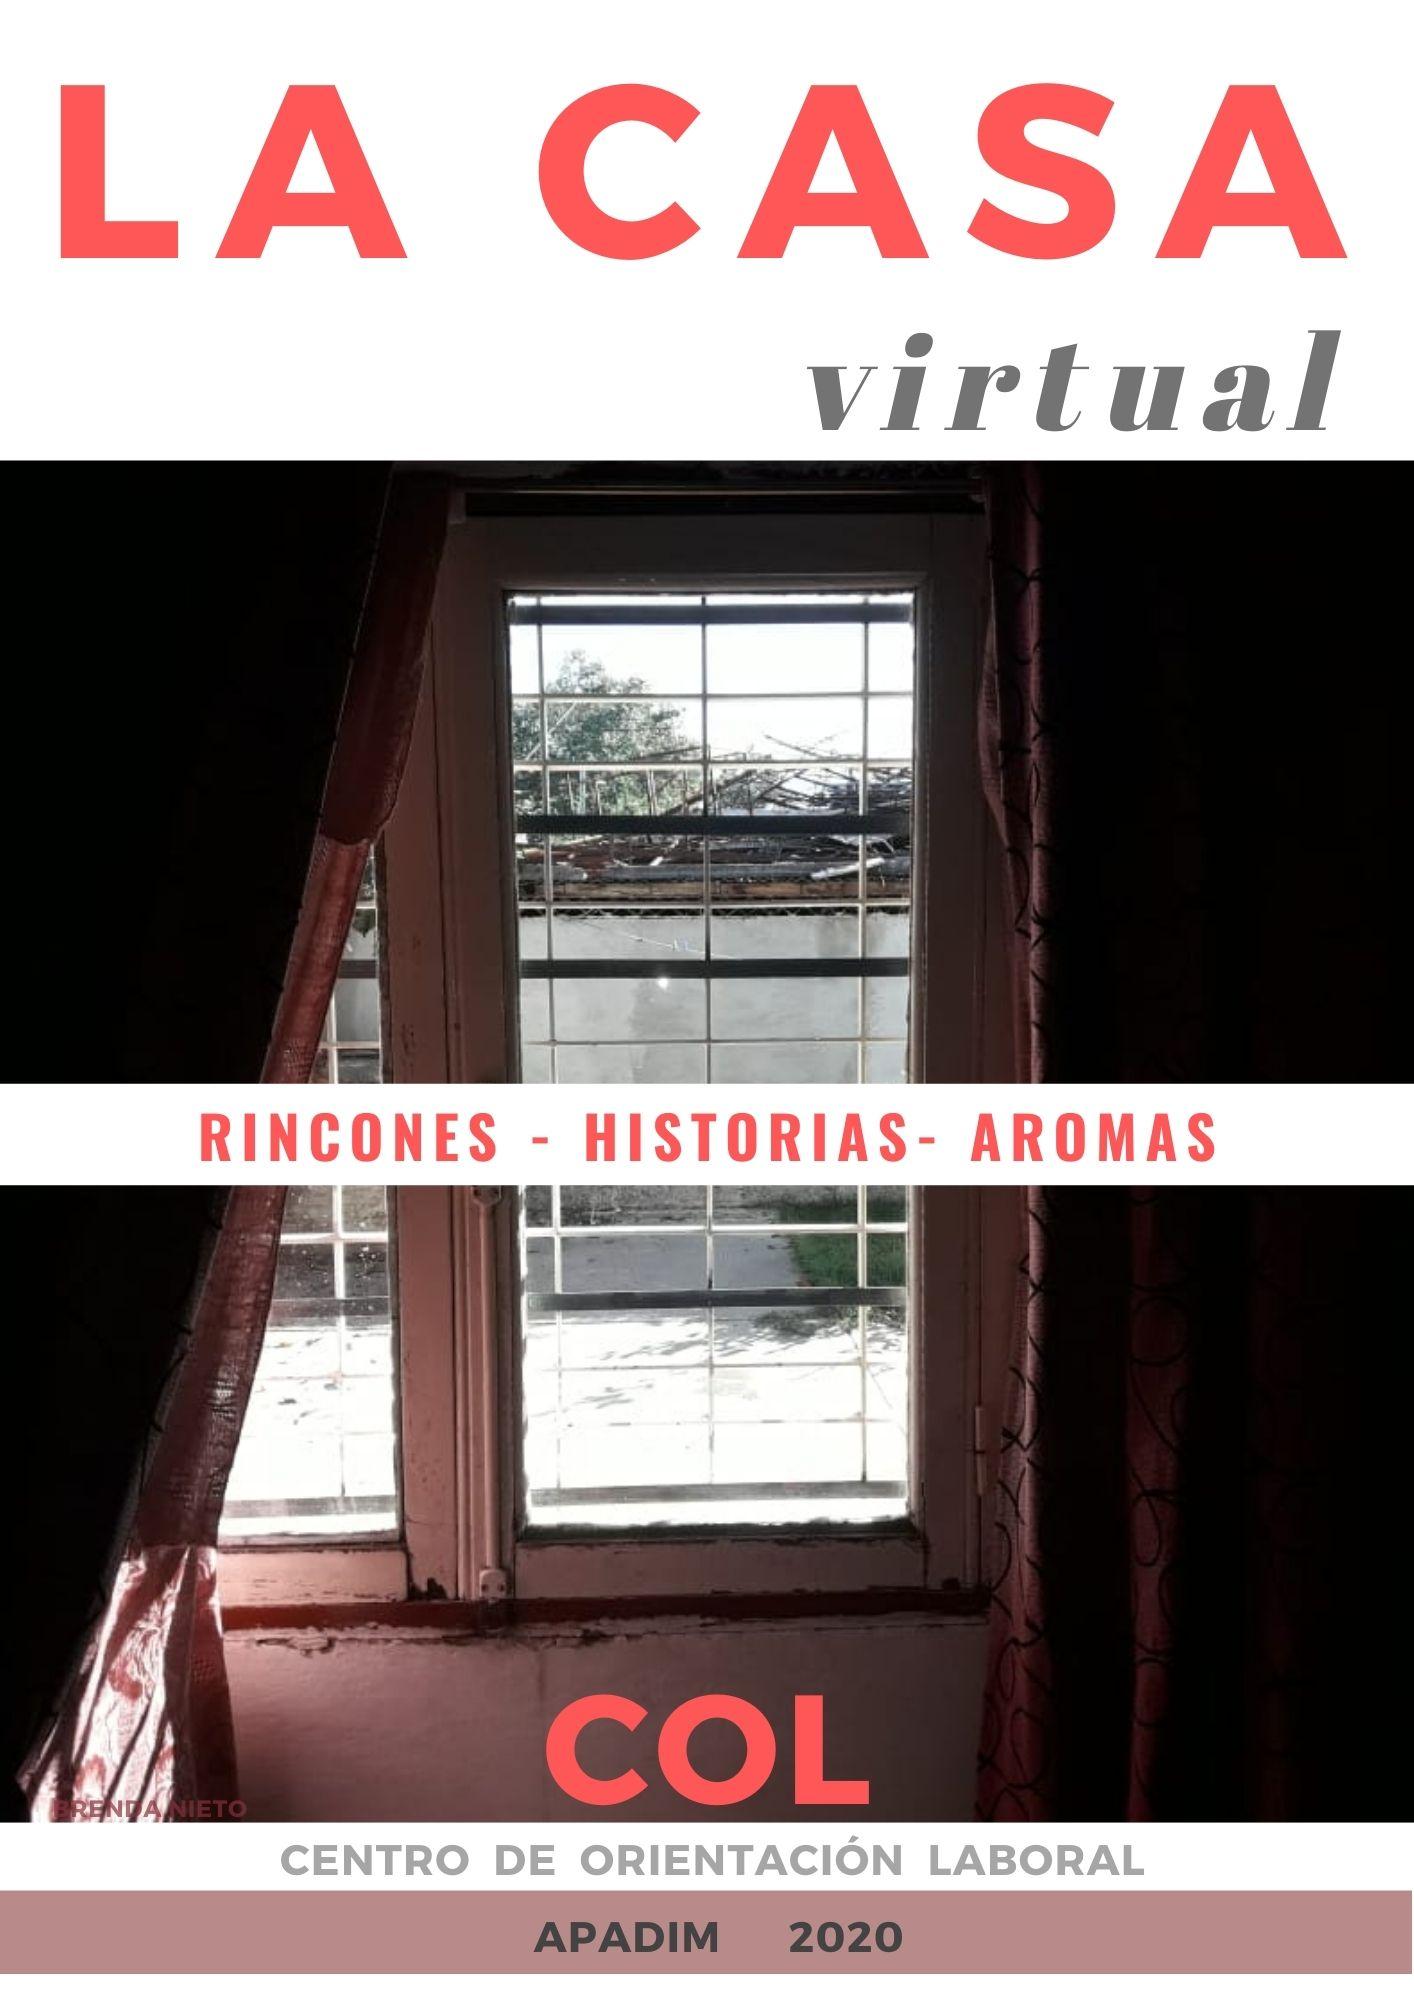 La Casa Virtual - el libro digital que es un verdadero anuario del Centro de Orientación Laboral